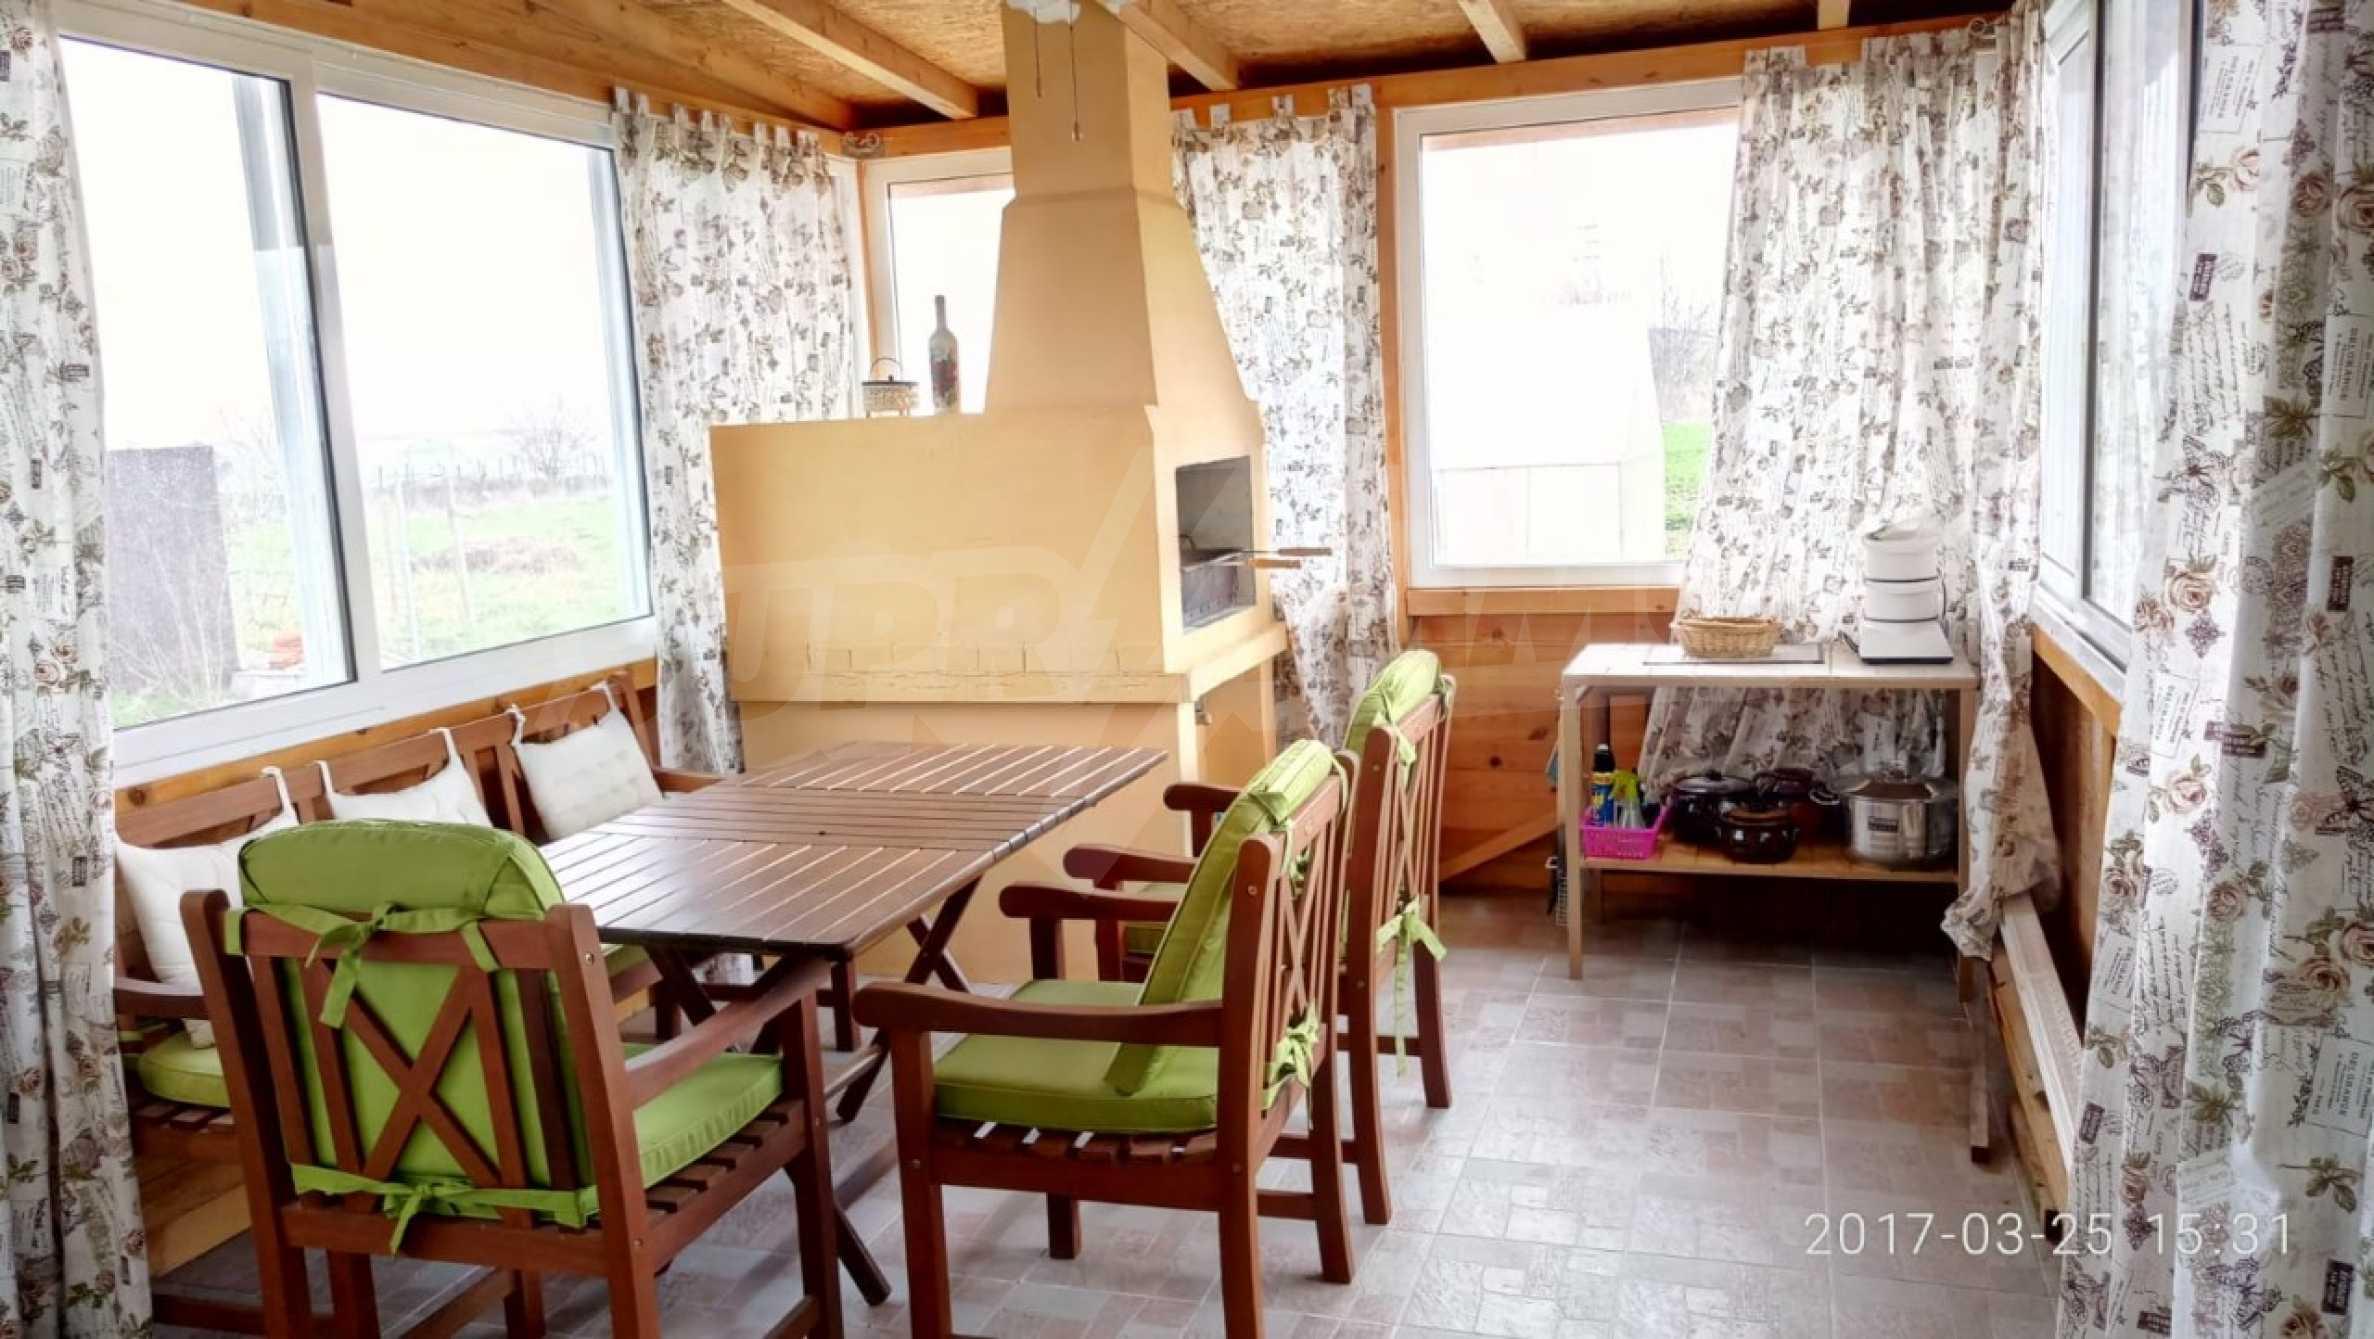 Herrliches Haus mit stilvoller Einrichtung im Df. Kamenar, Gemeinde Pomorie 4